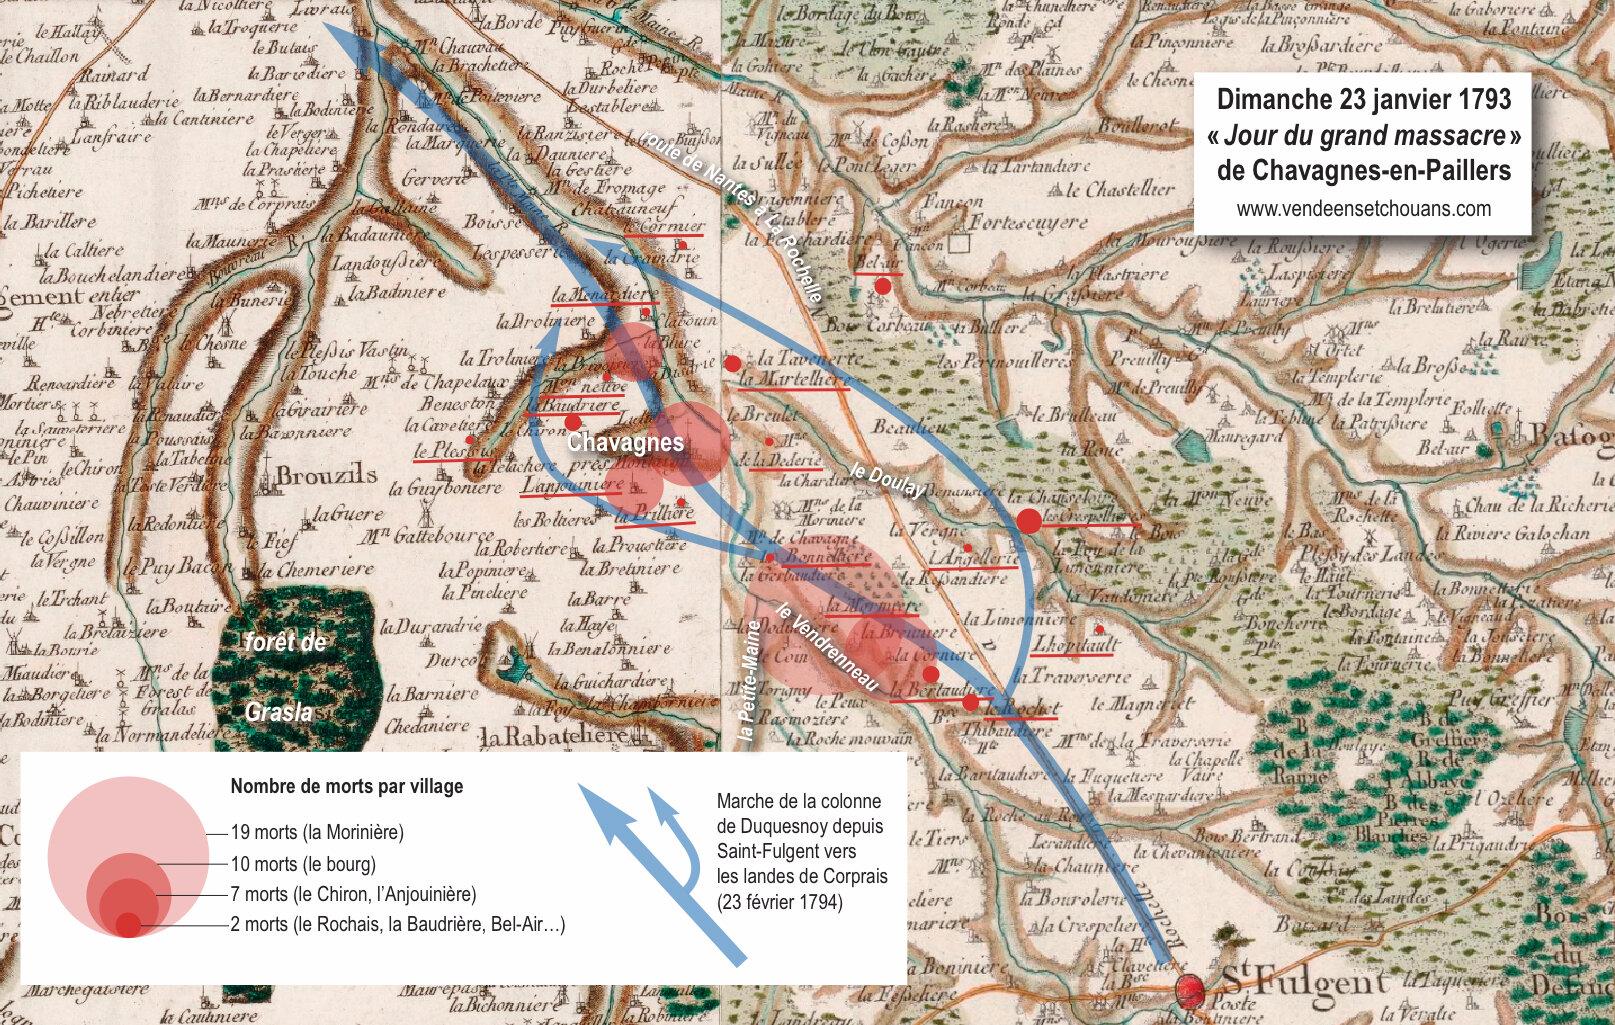 23 février 1794, « Jour du grand massacre » de Chavagnes